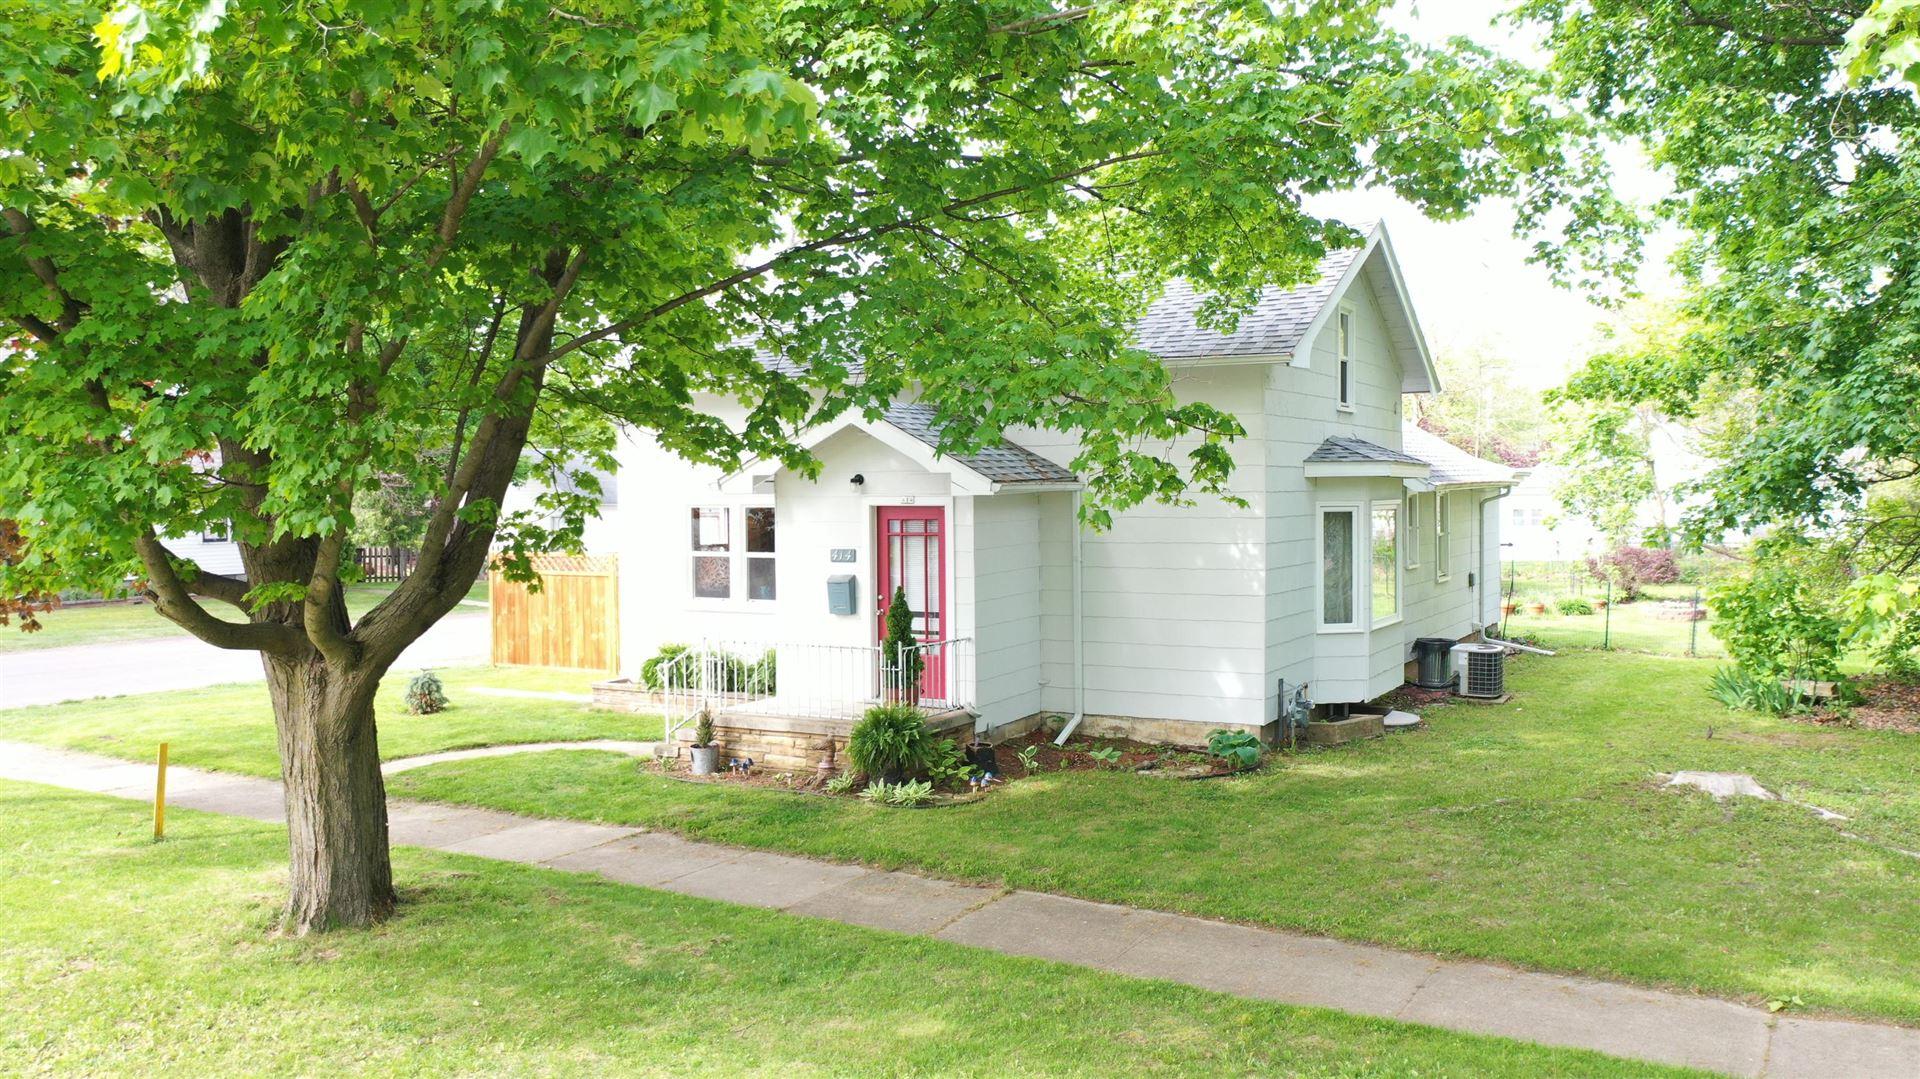 414 N Main Street, Berrien Springs, MI 49103 - MLS#: 21018043